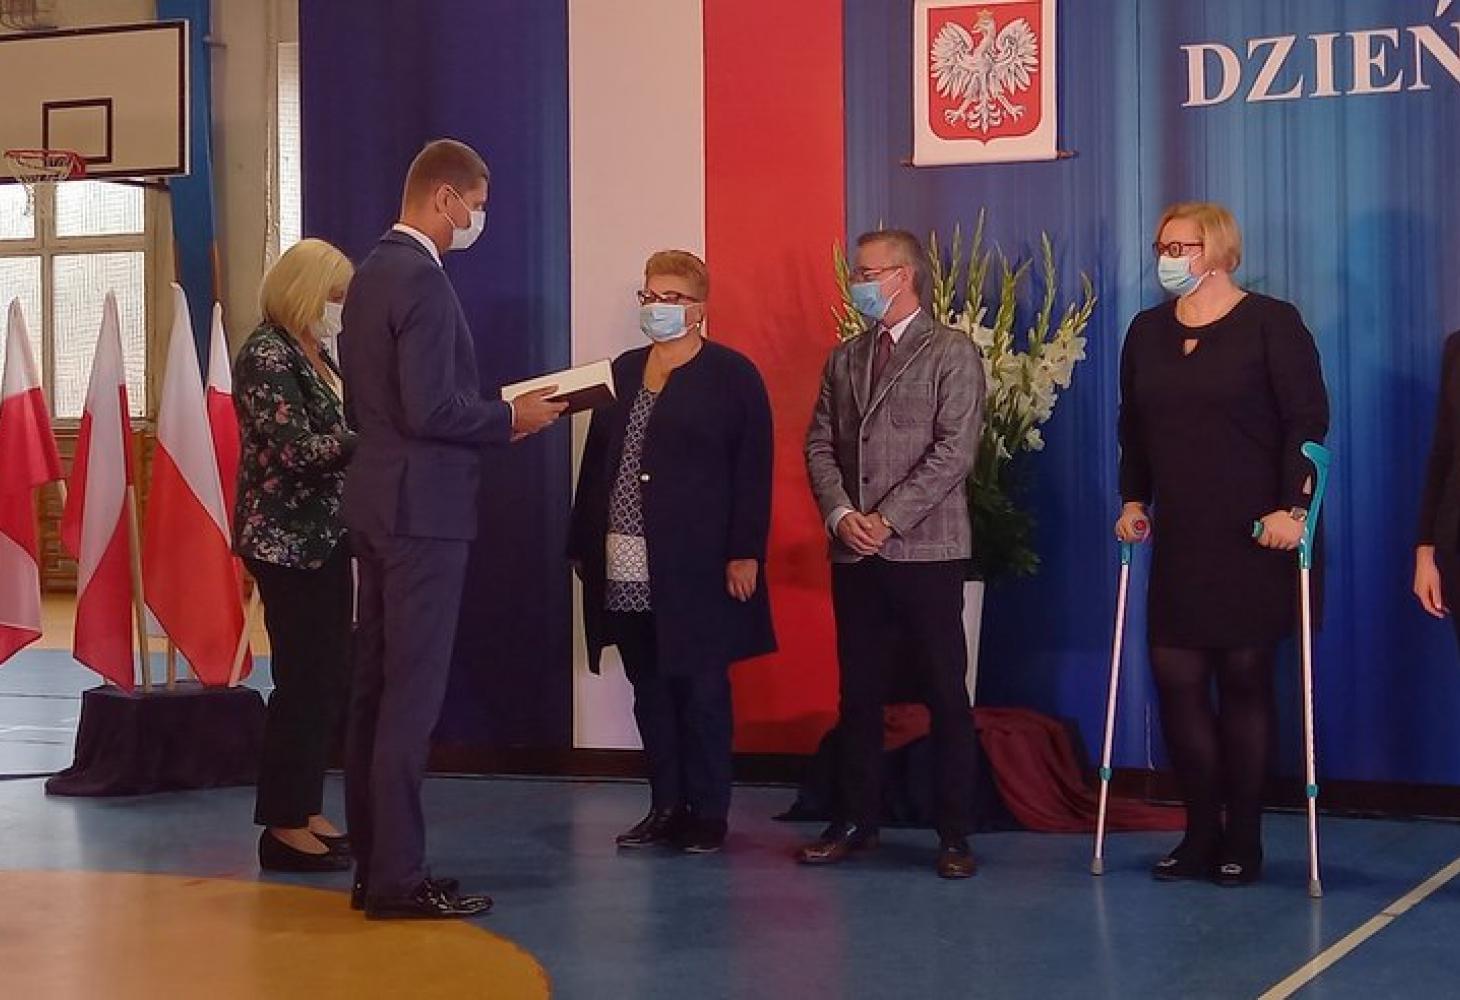 Pan Tomasz Kindeuszzostał uhonorowany nagrodą Ministra Edukacji i Nauki